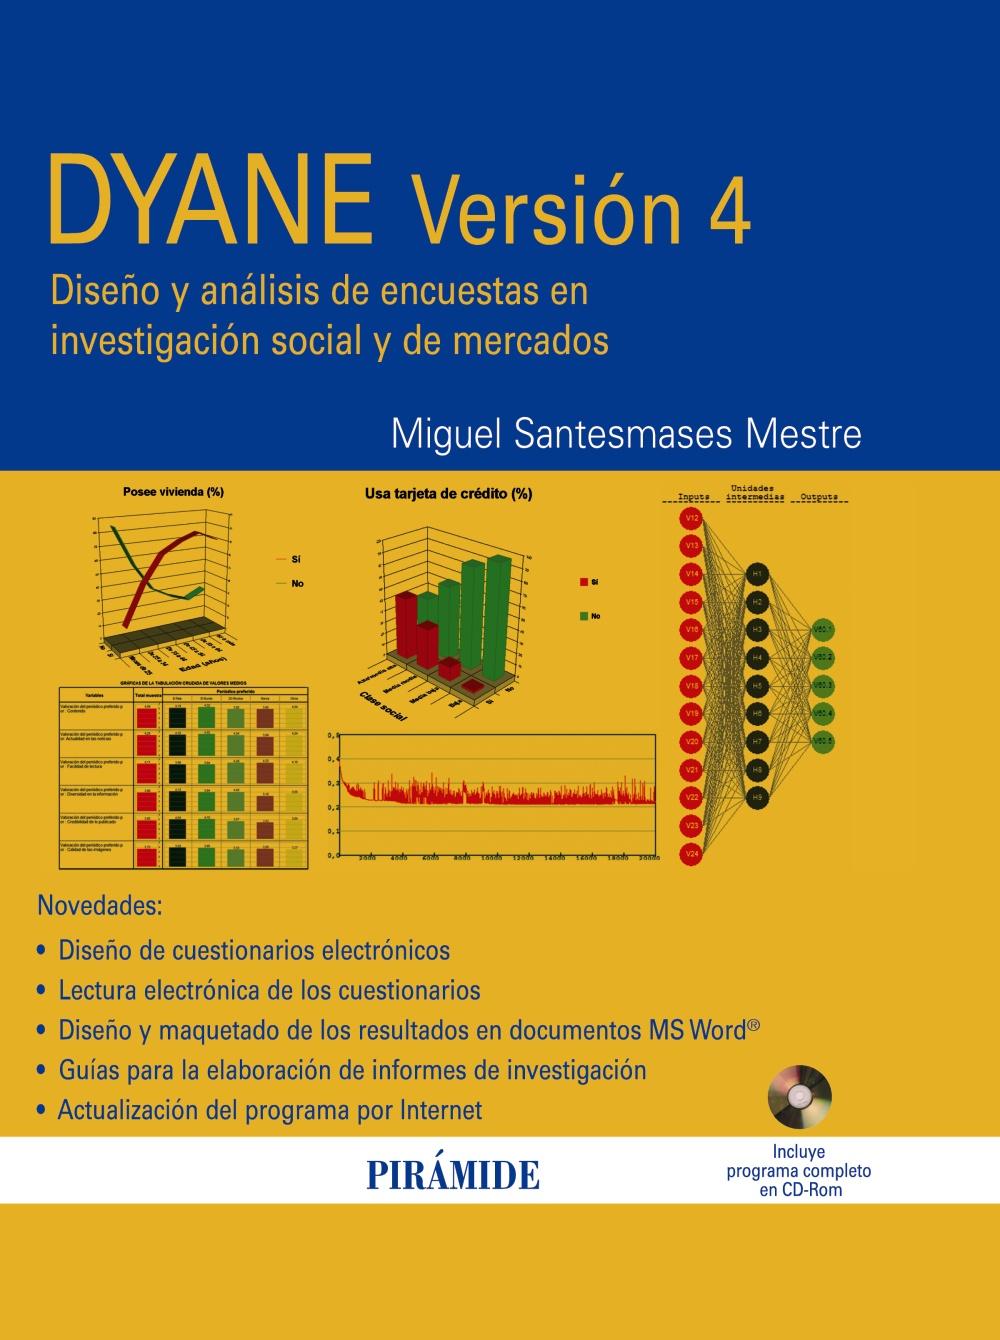 Dyane version 4 dise o y analisis de encuestas en investigacion social y de mercado